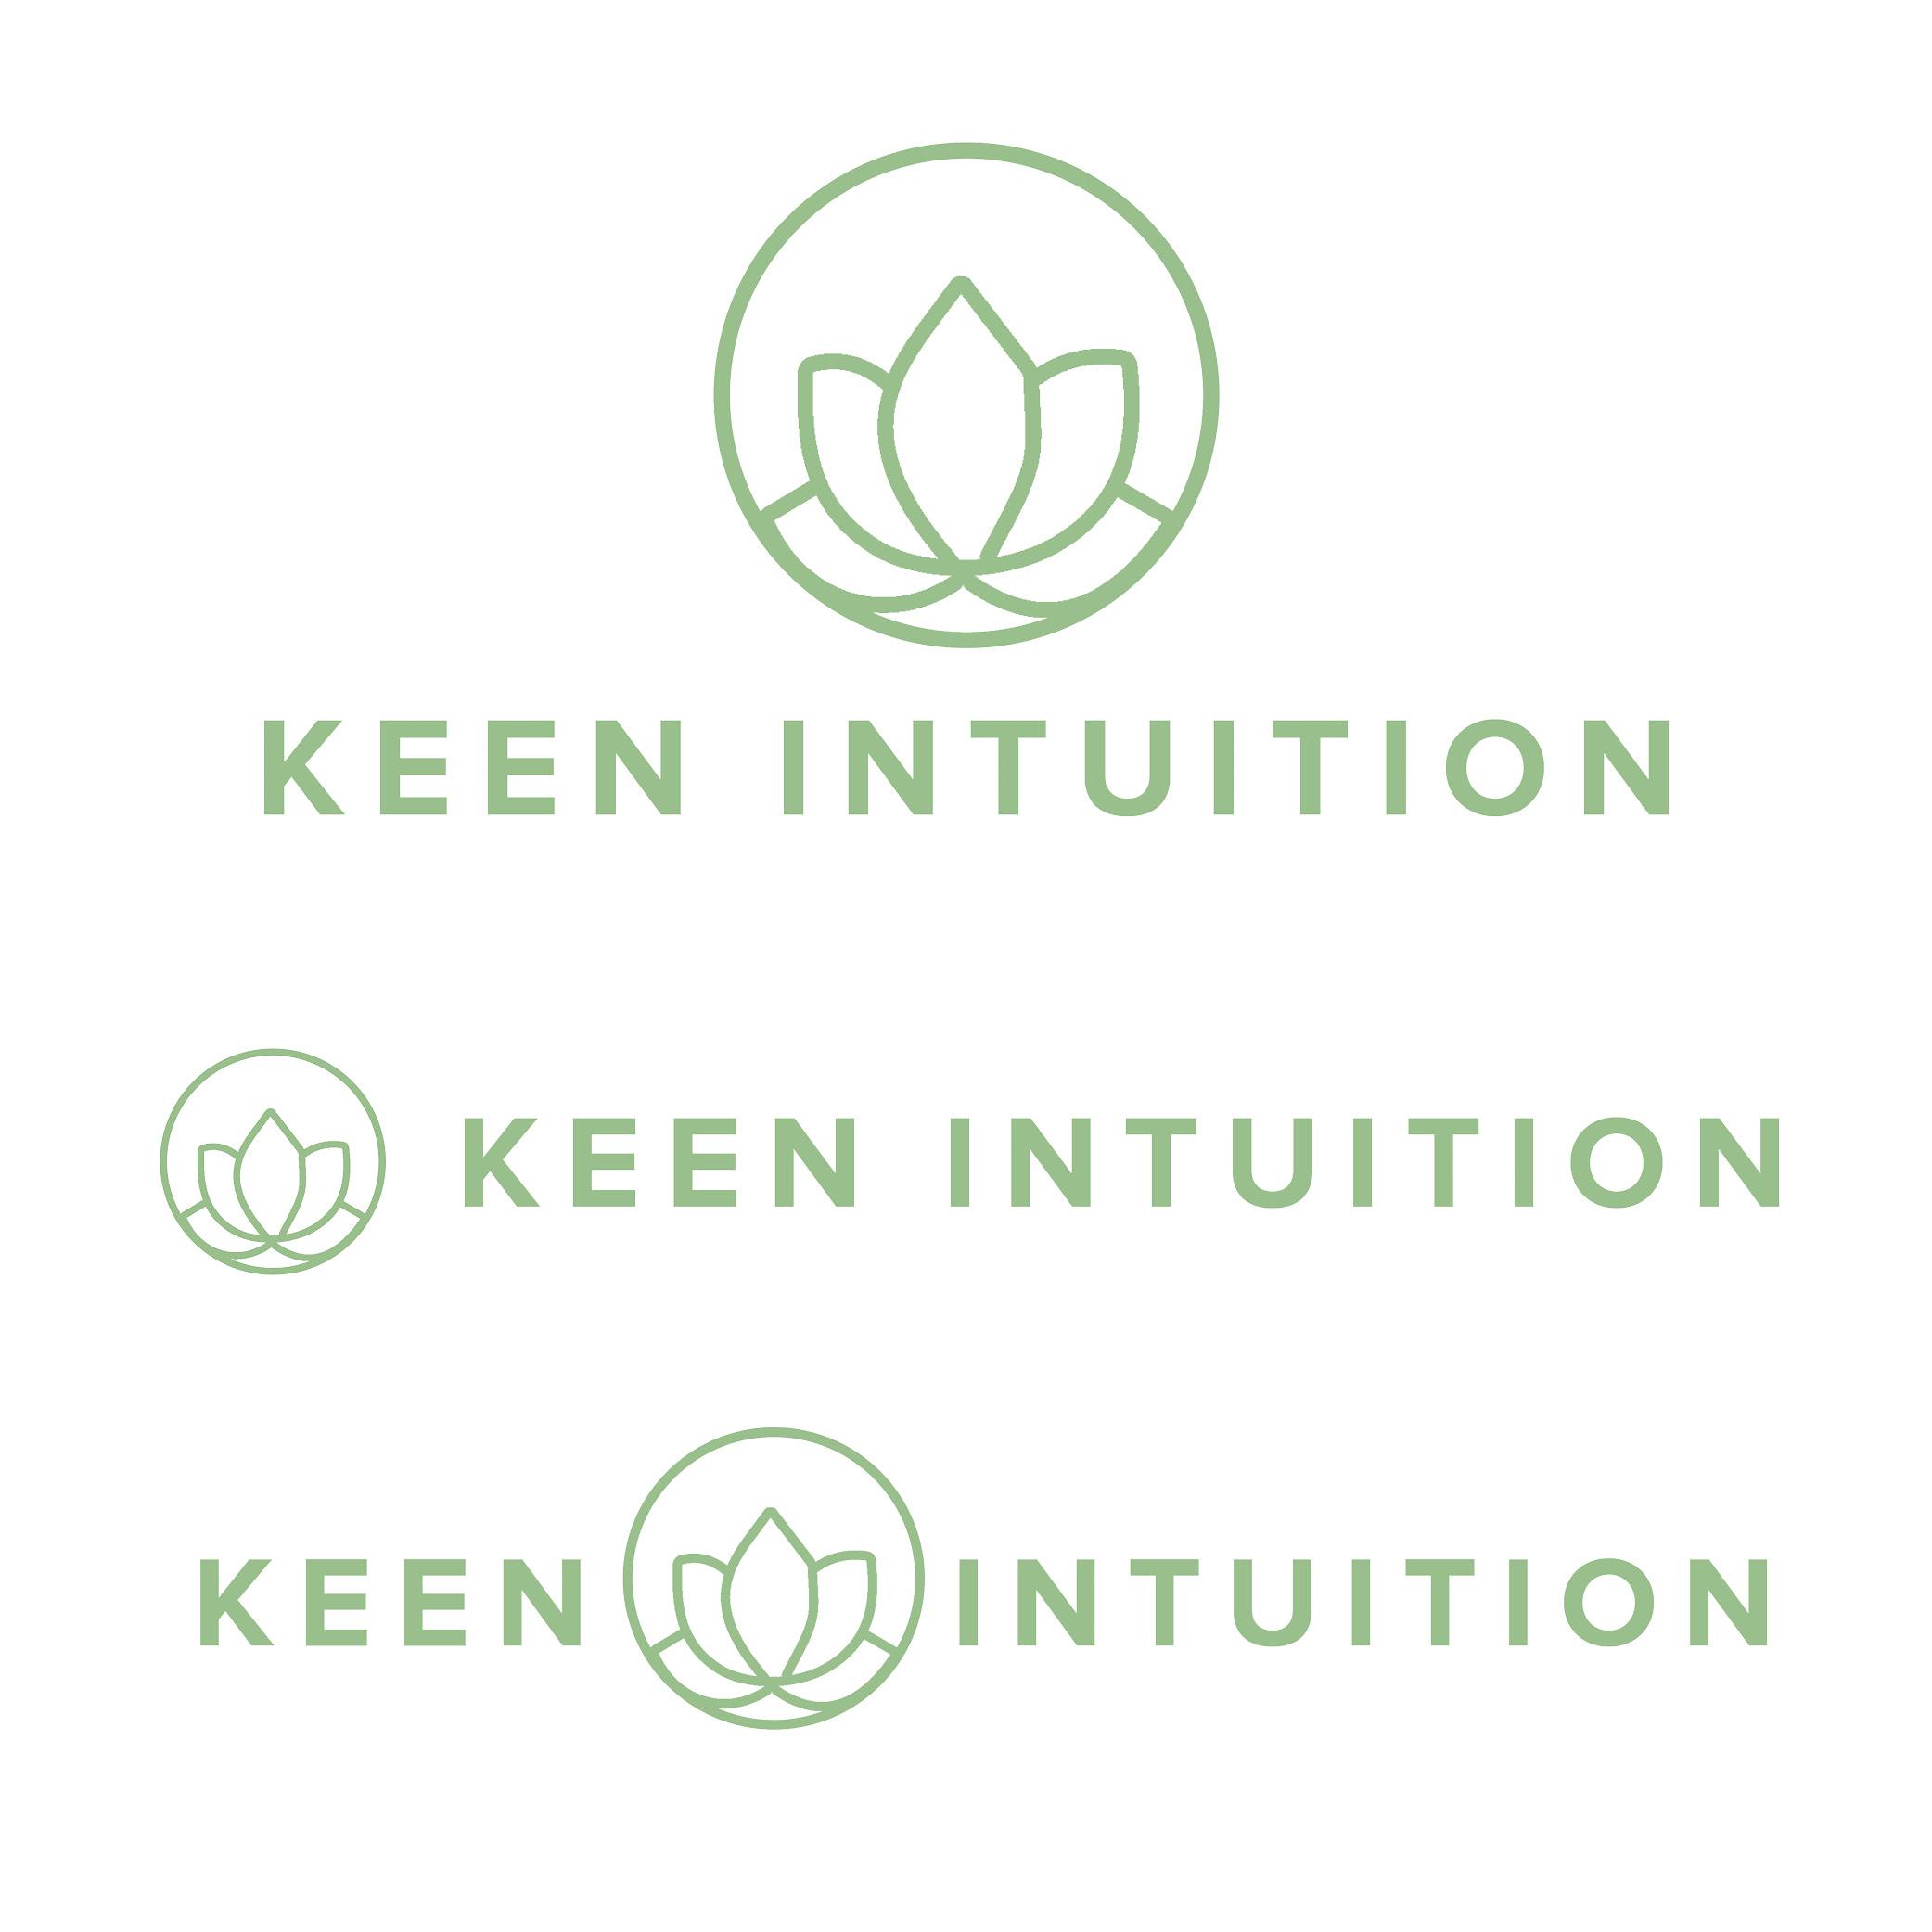 keen intuition logos.jpg